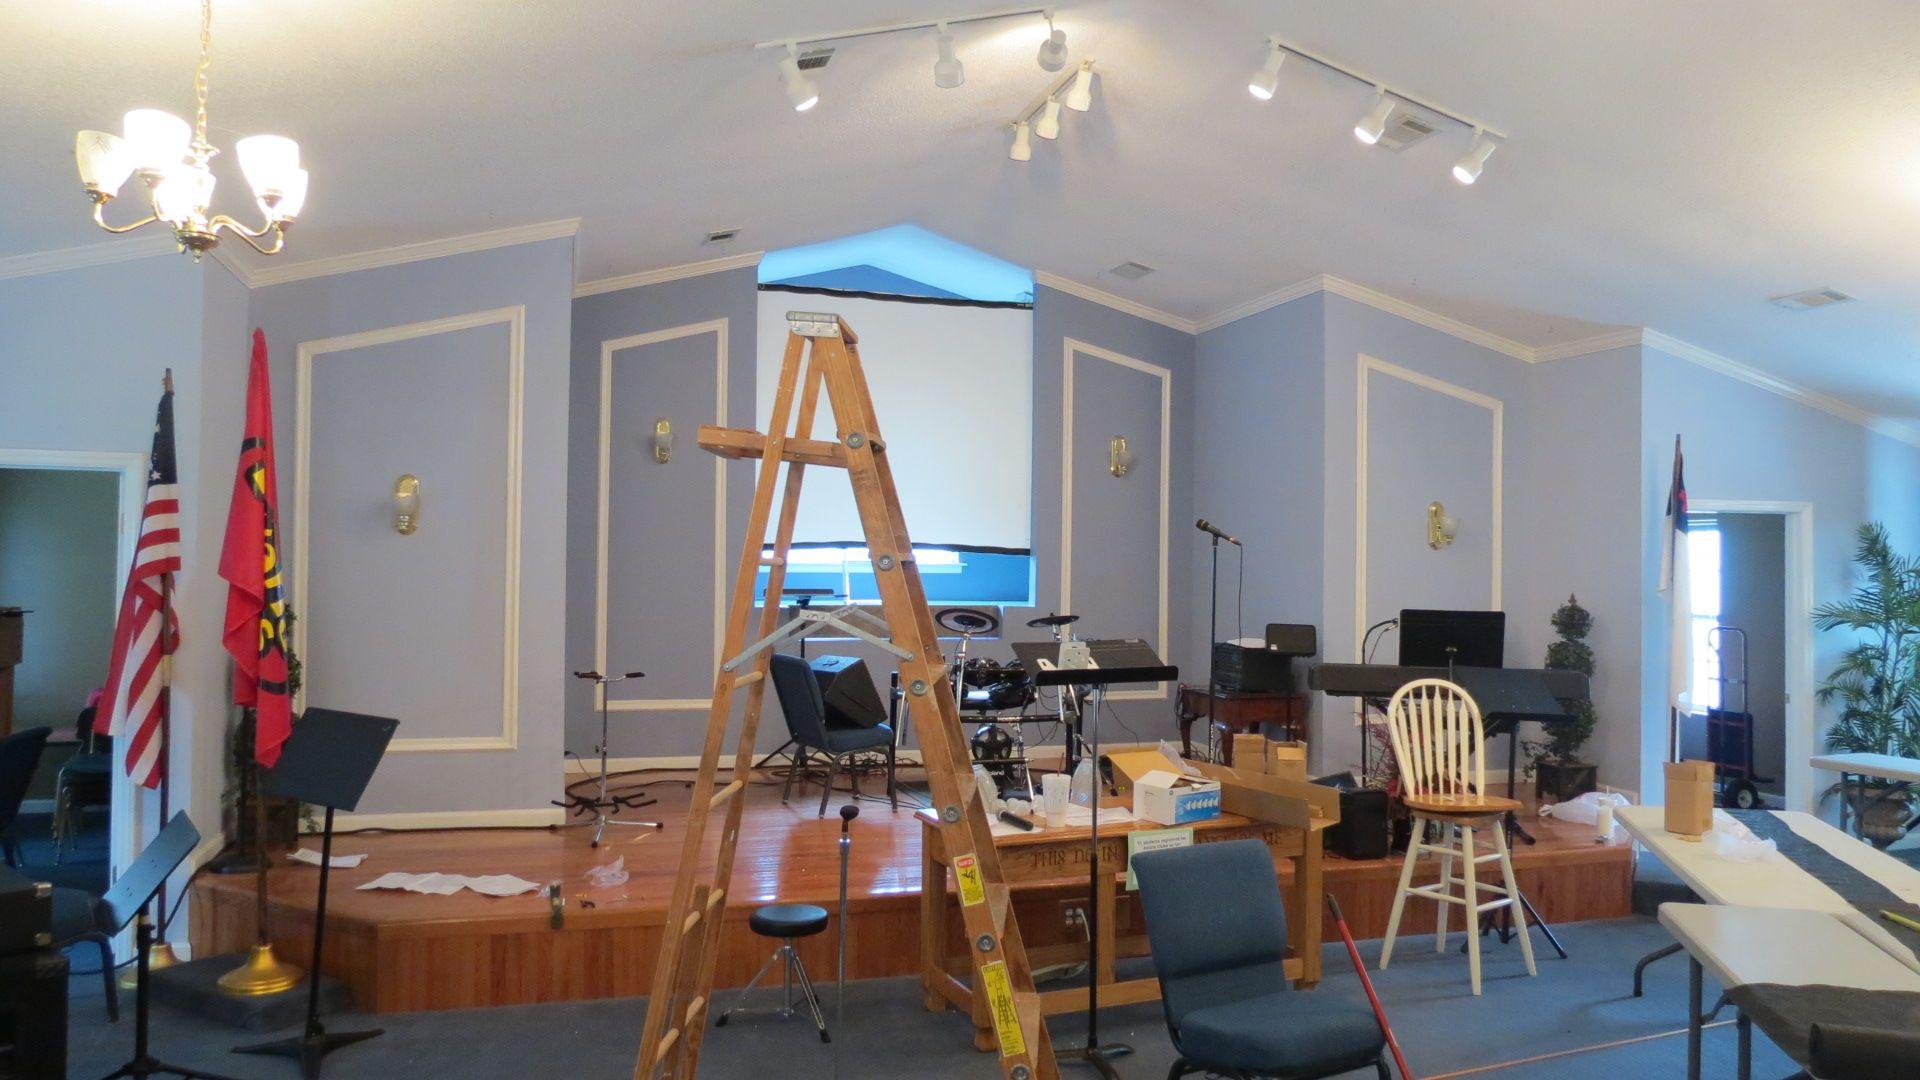 noidIMG_0199 Home decor, Home, Stage lighting